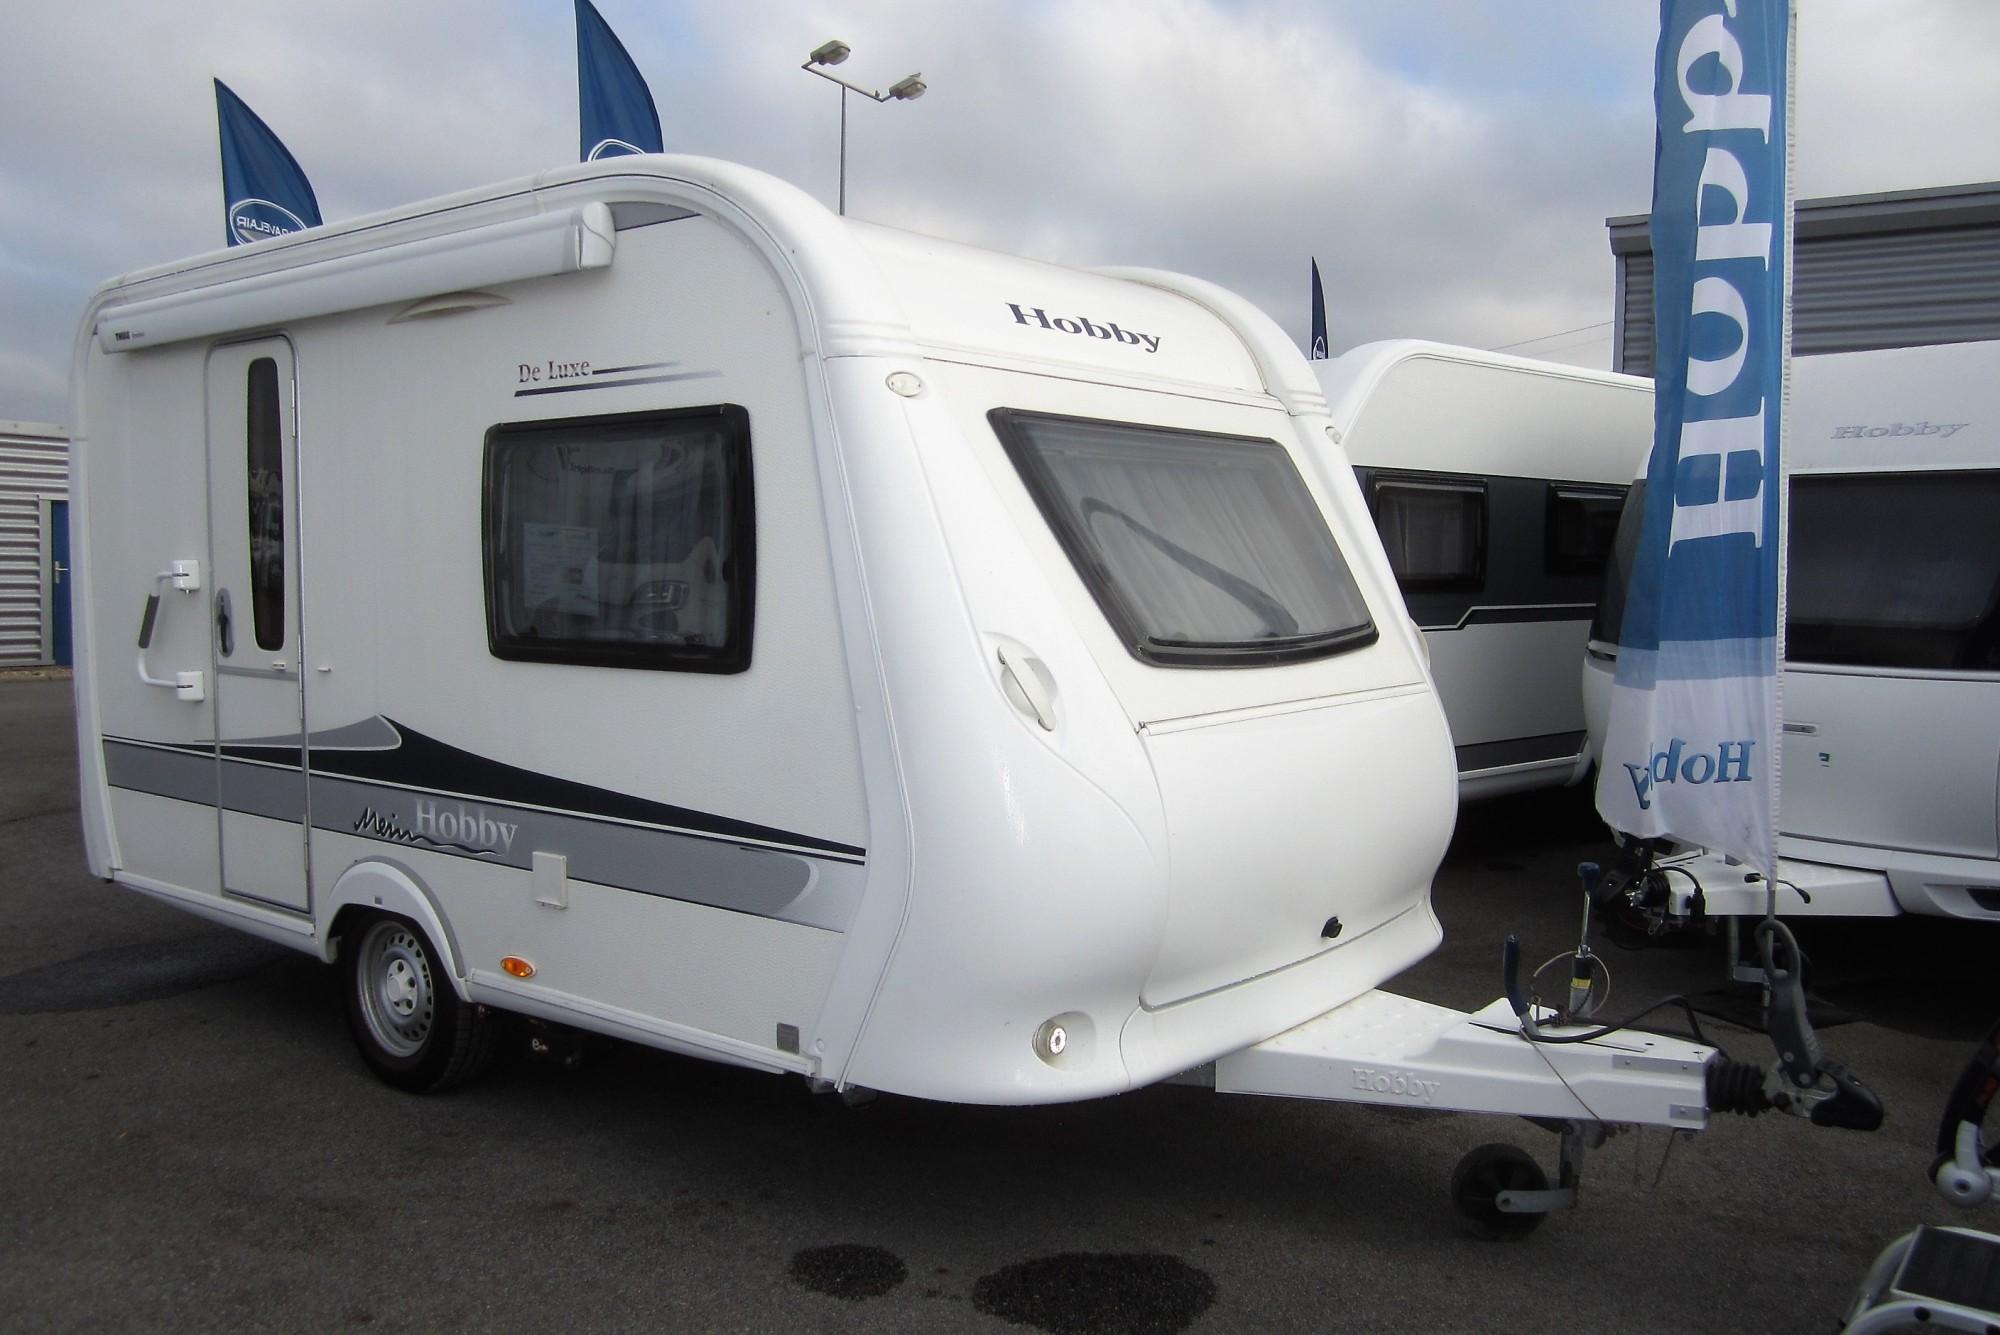 vente de caravane neuve ou d 39 occasion sur rouen caravane service jousse. Black Bedroom Furniture Sets. Home Design Ideas